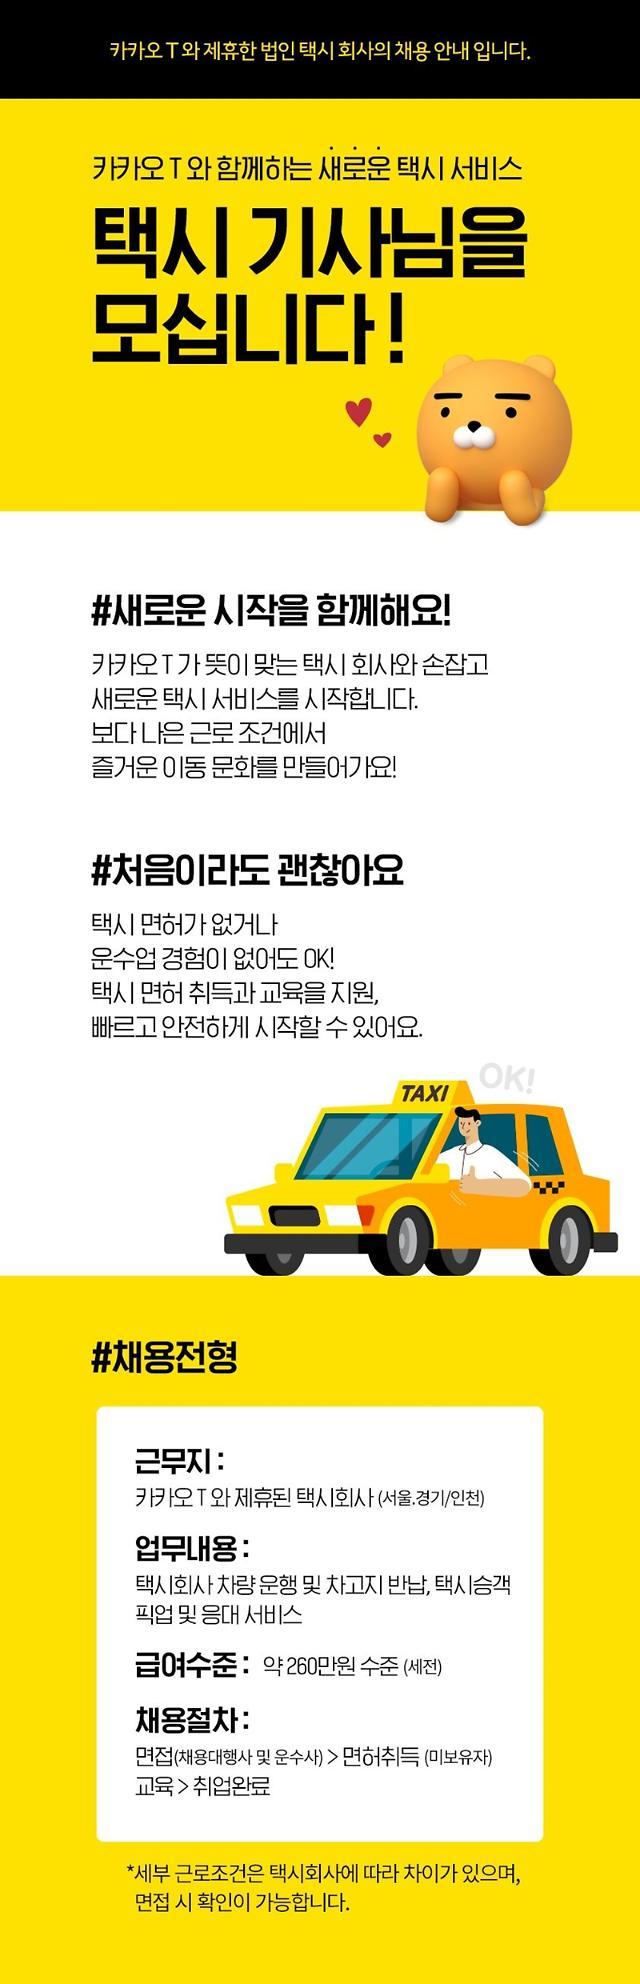 [아주 쉬운 뉴스 Q&A] '라이언 택시'가 무엇인가요?